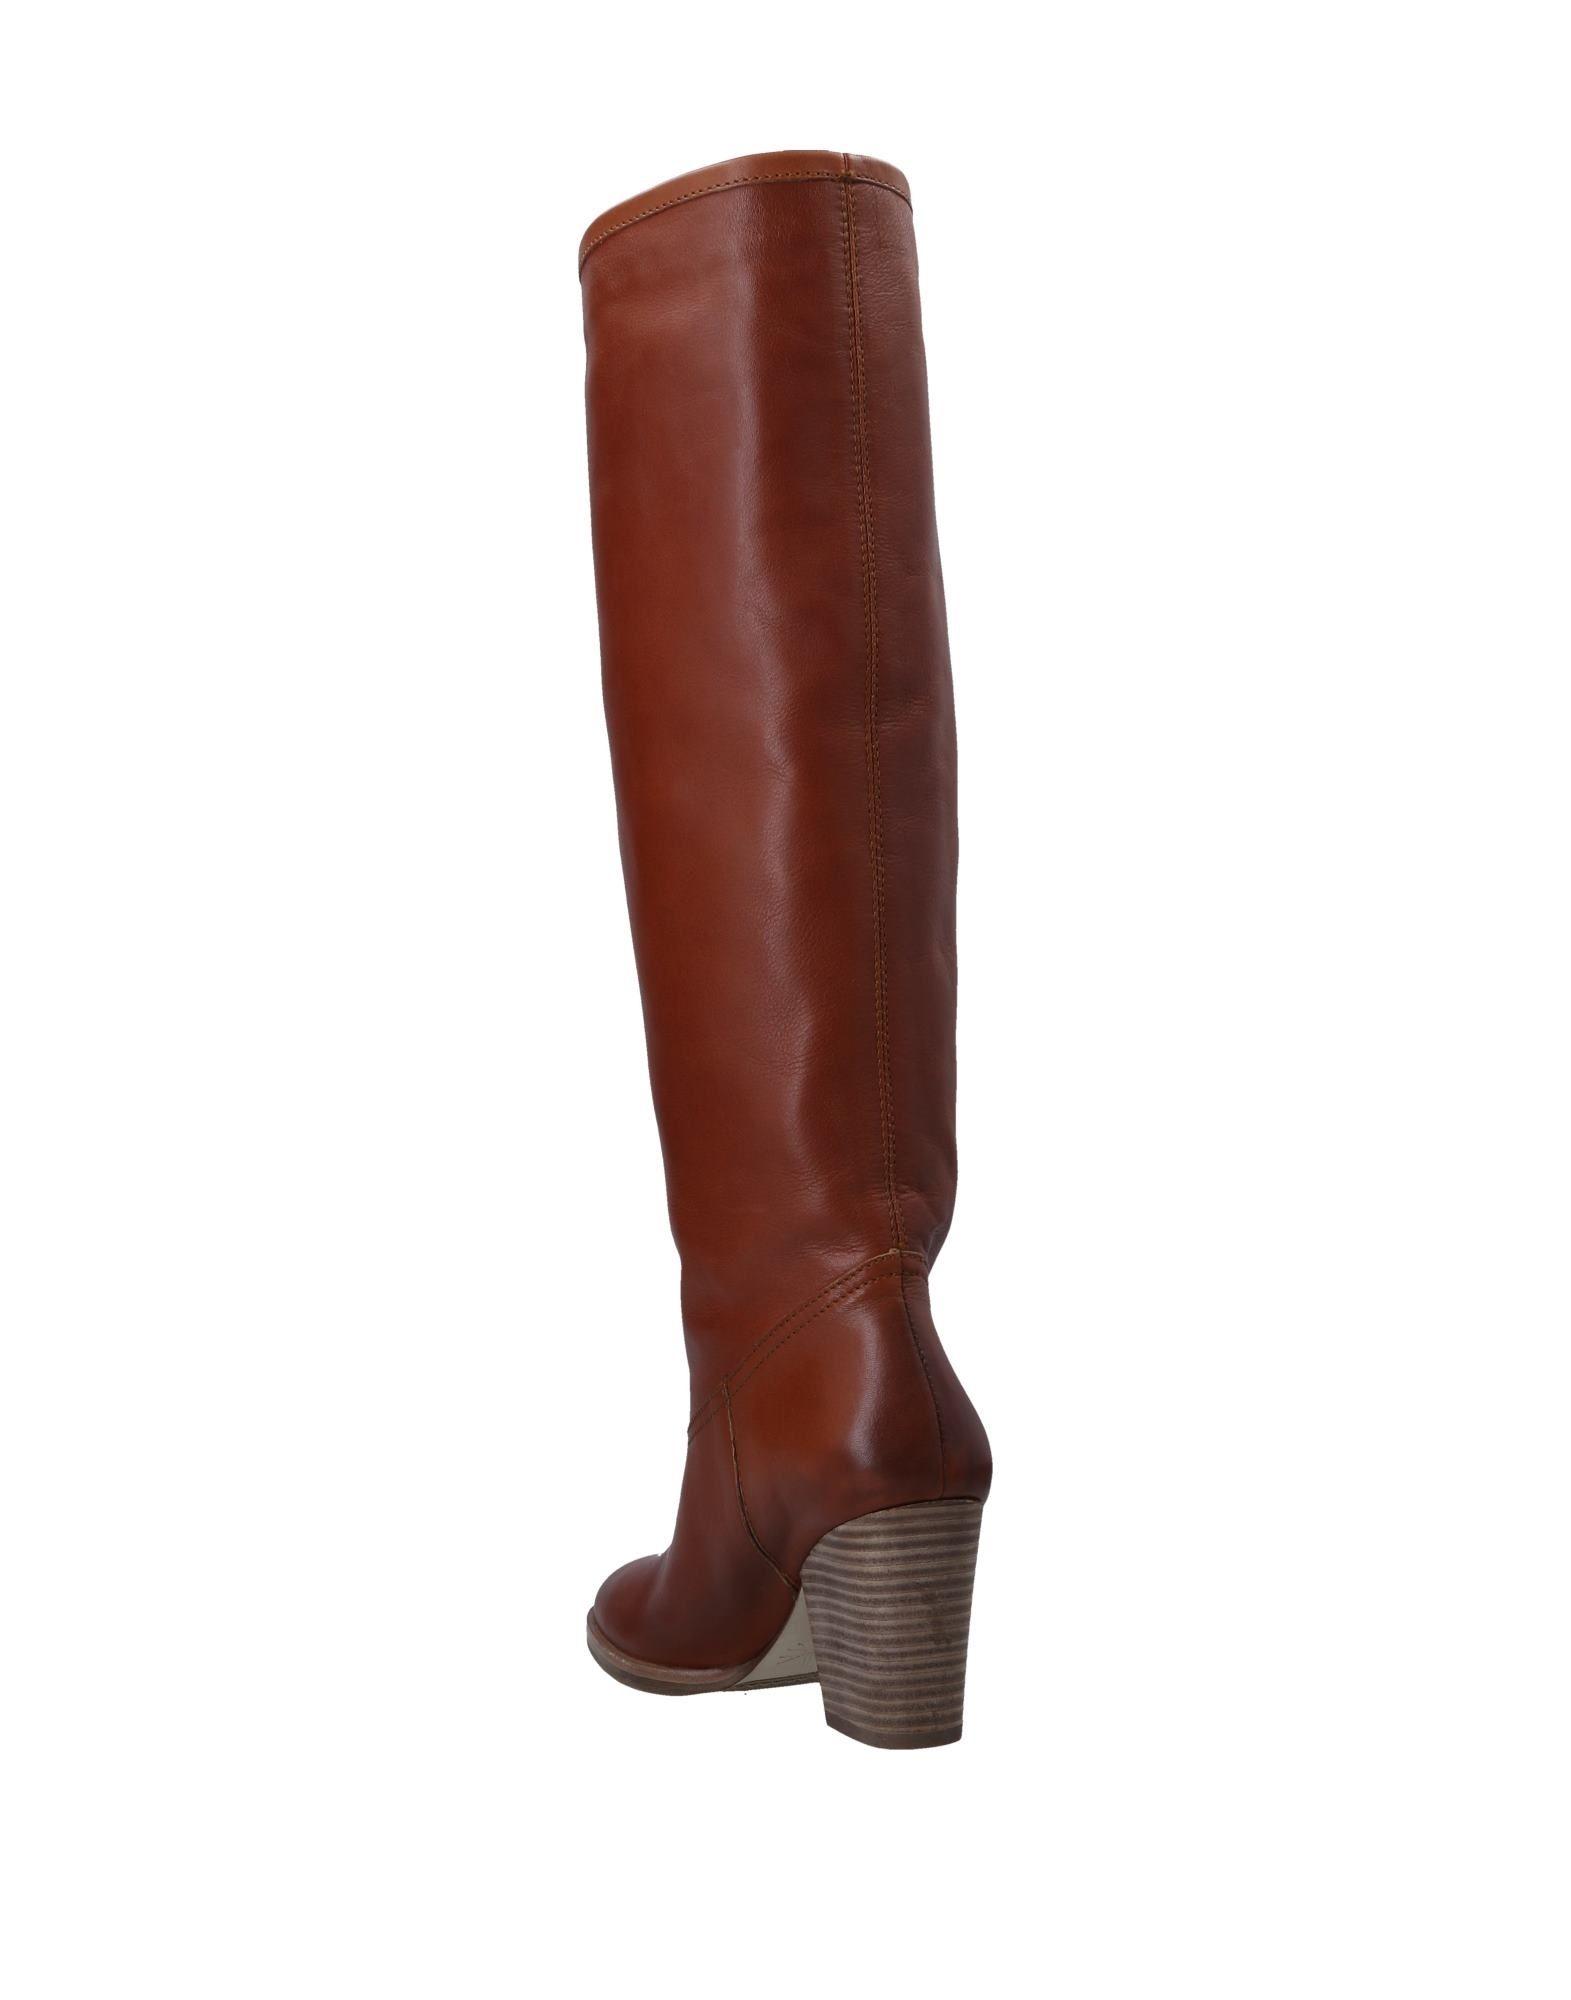 Anaid Kupuri Stiefel Damen  11546145JTGut aussehende strapazierfähige Schuhe